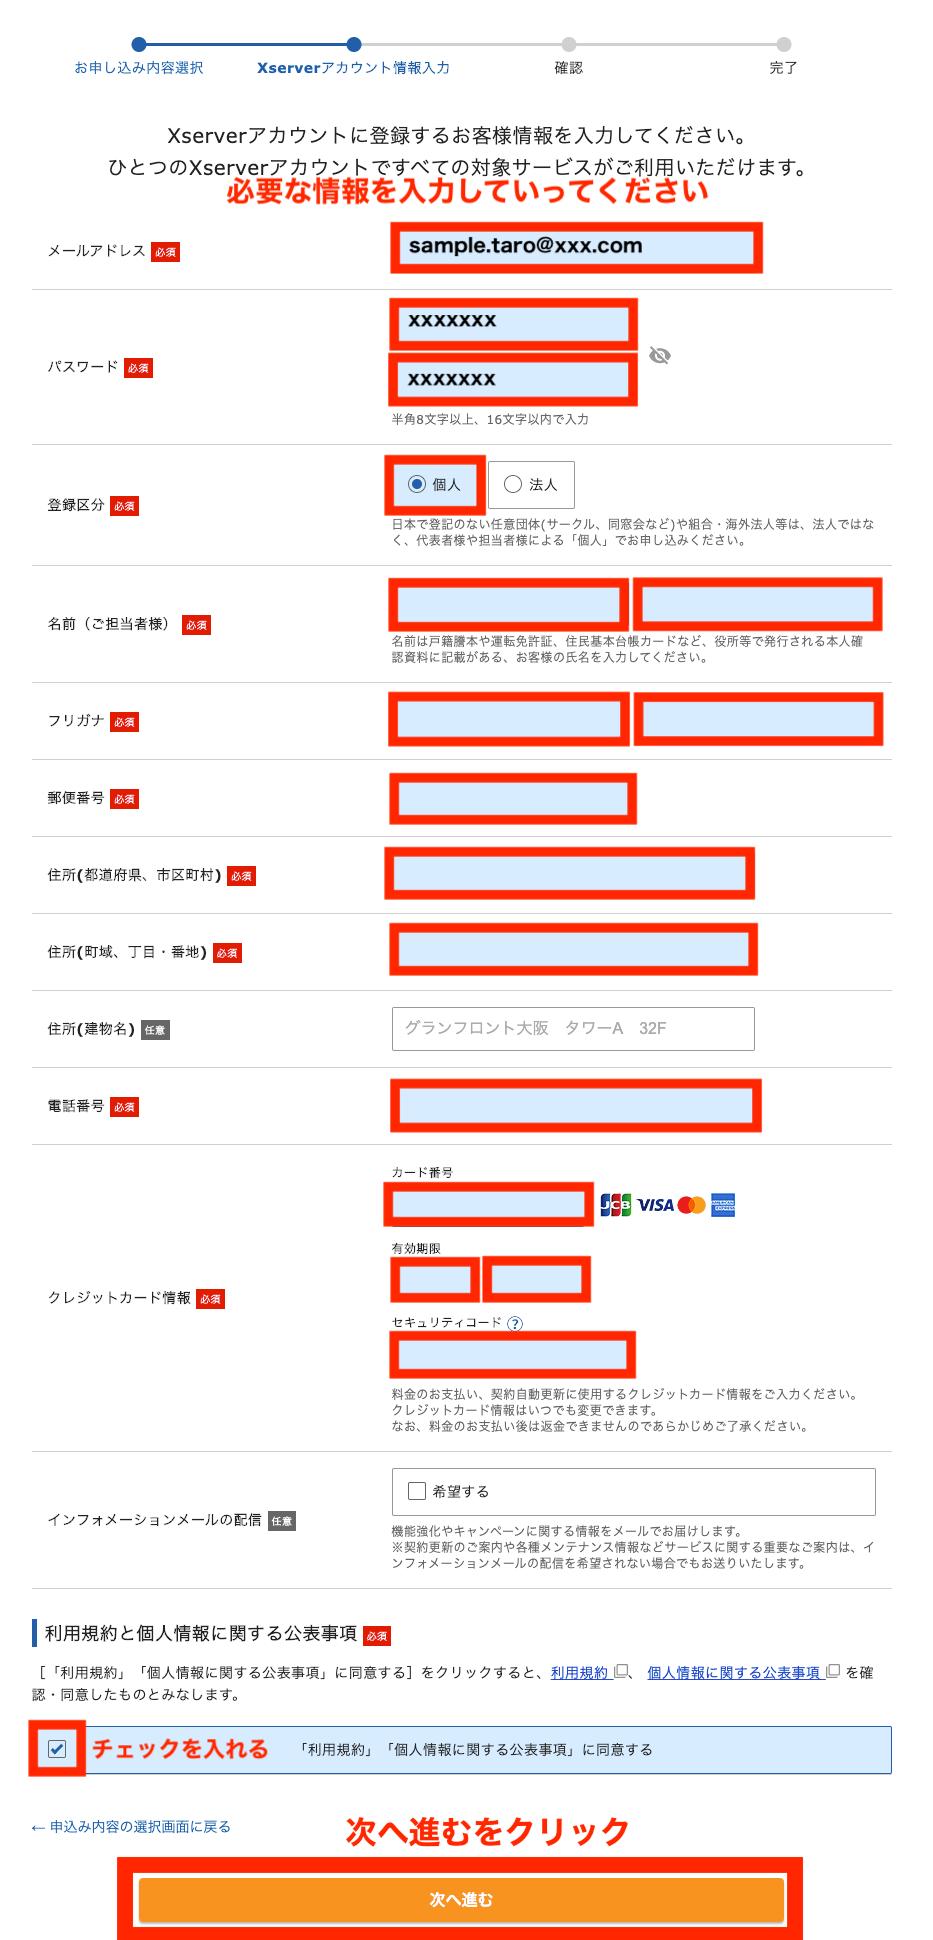 エックスサーバー  WordPressクイックスタート 登録者情報の入力